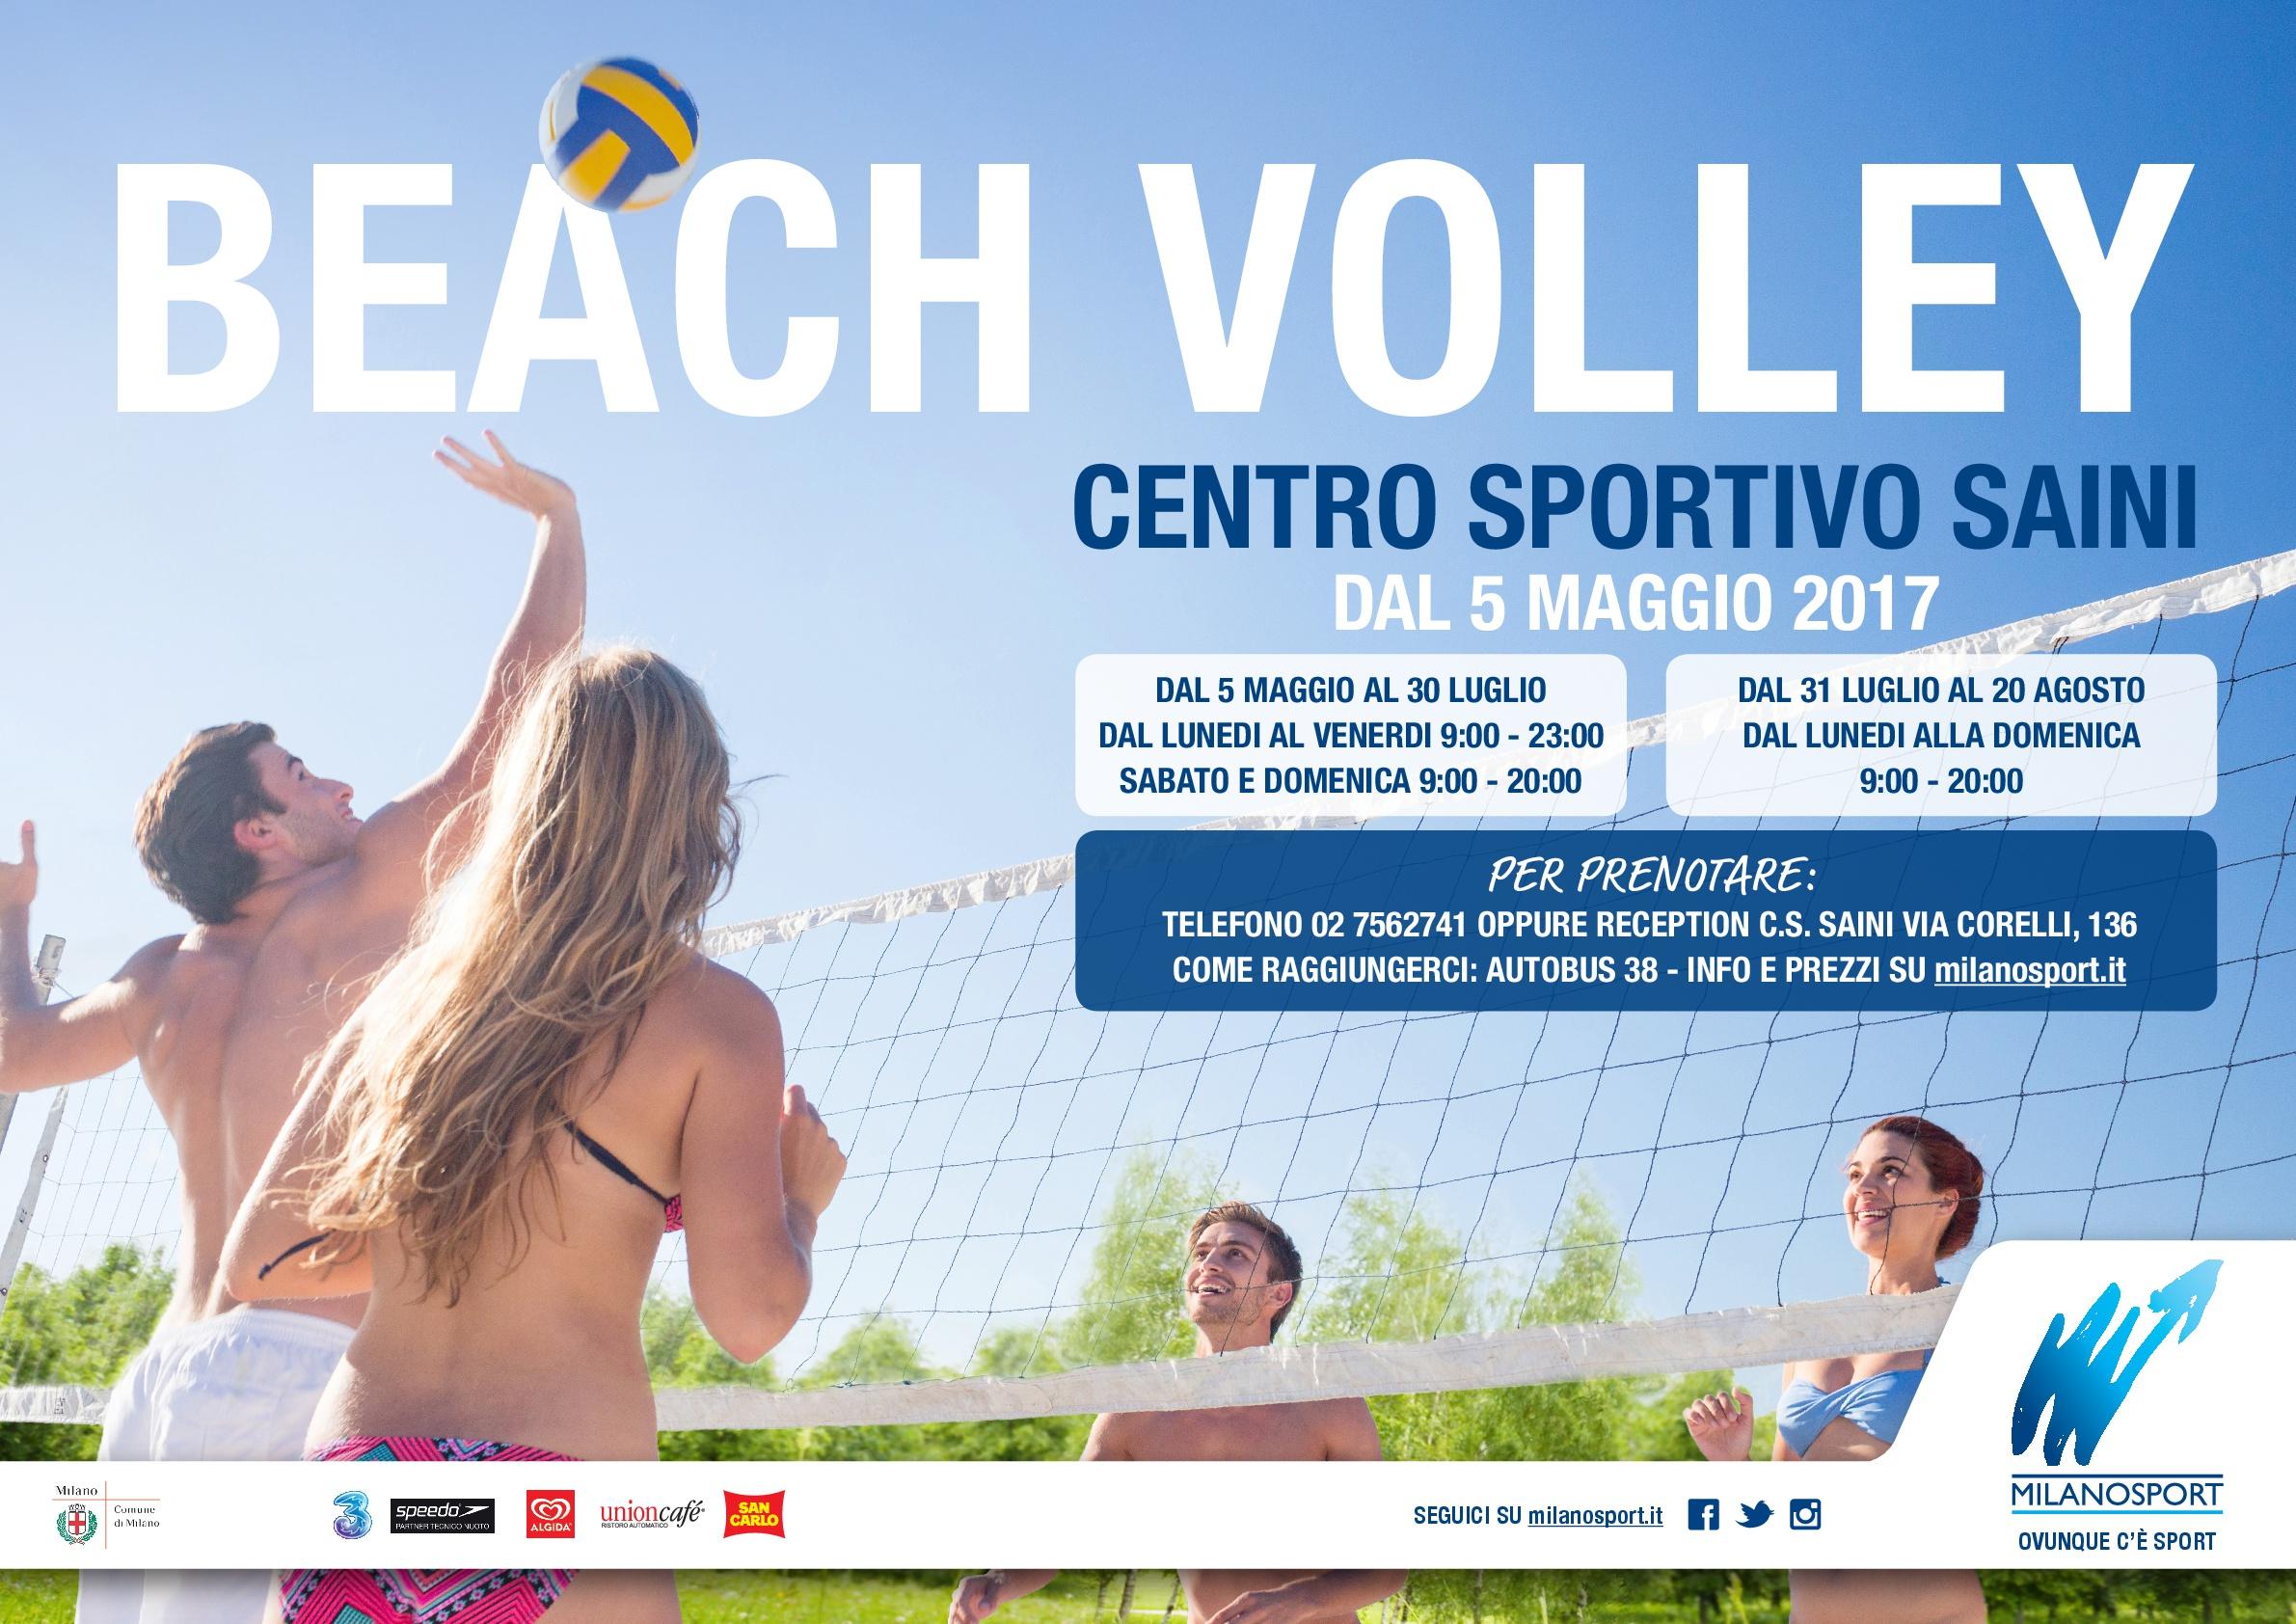 milanosport - gli sport: pallavolo e beach volley